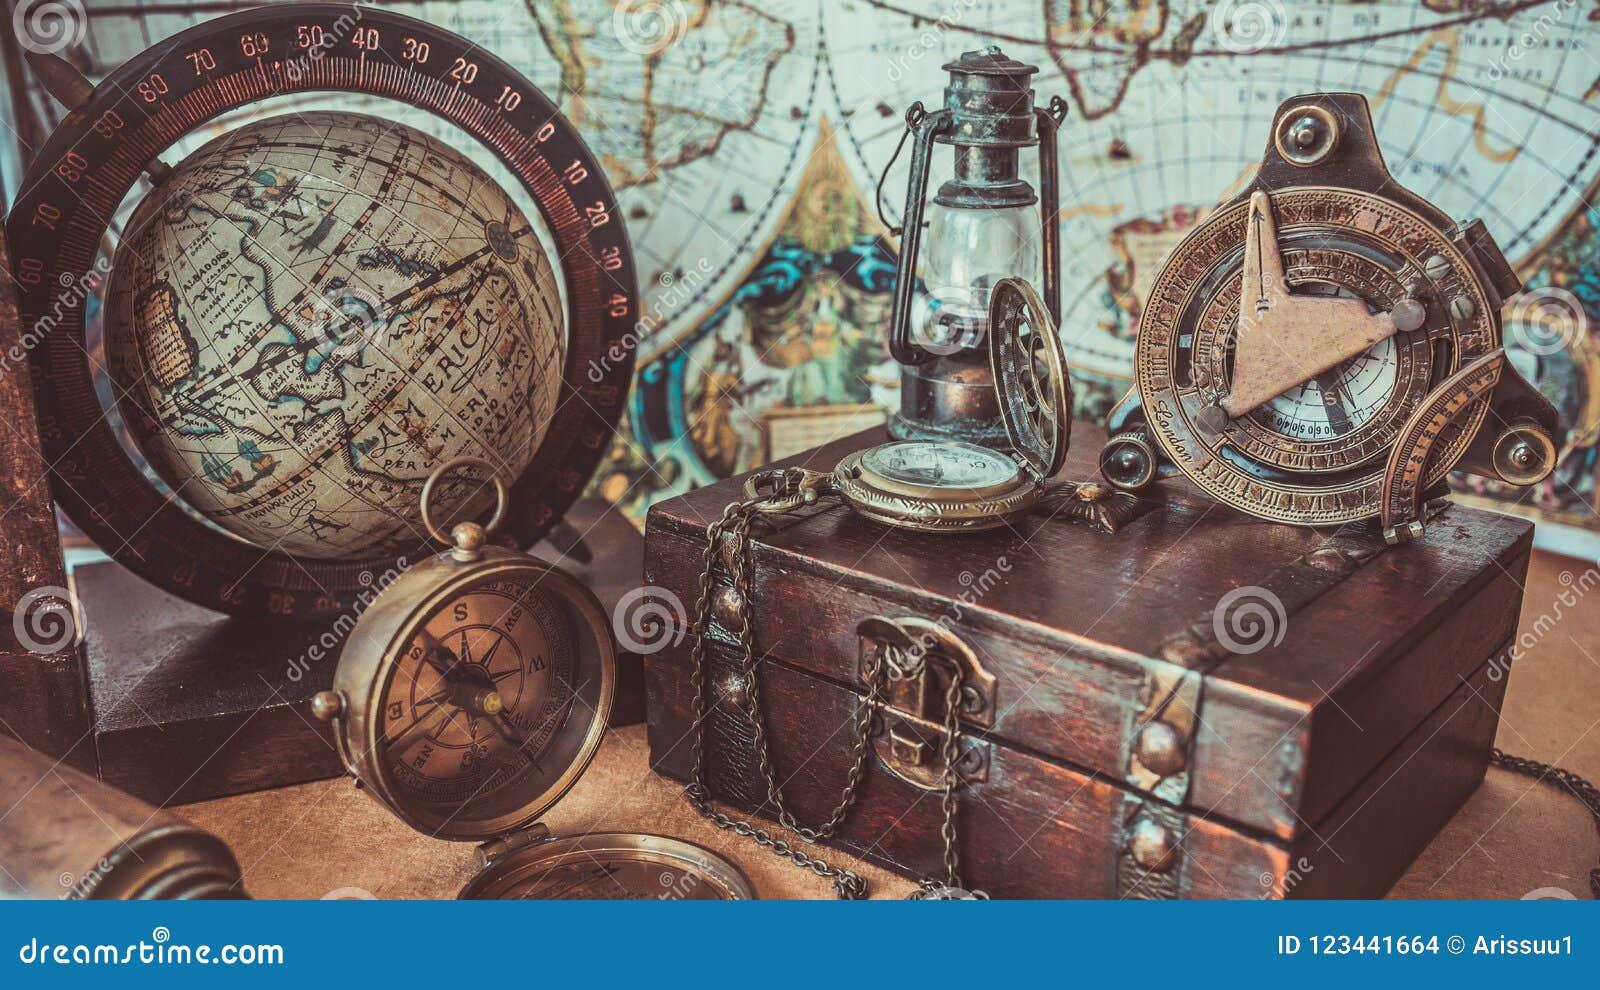 葡萄酒指南针木珍宝箱子灯照明设备和地球式样老海盗汇集照片